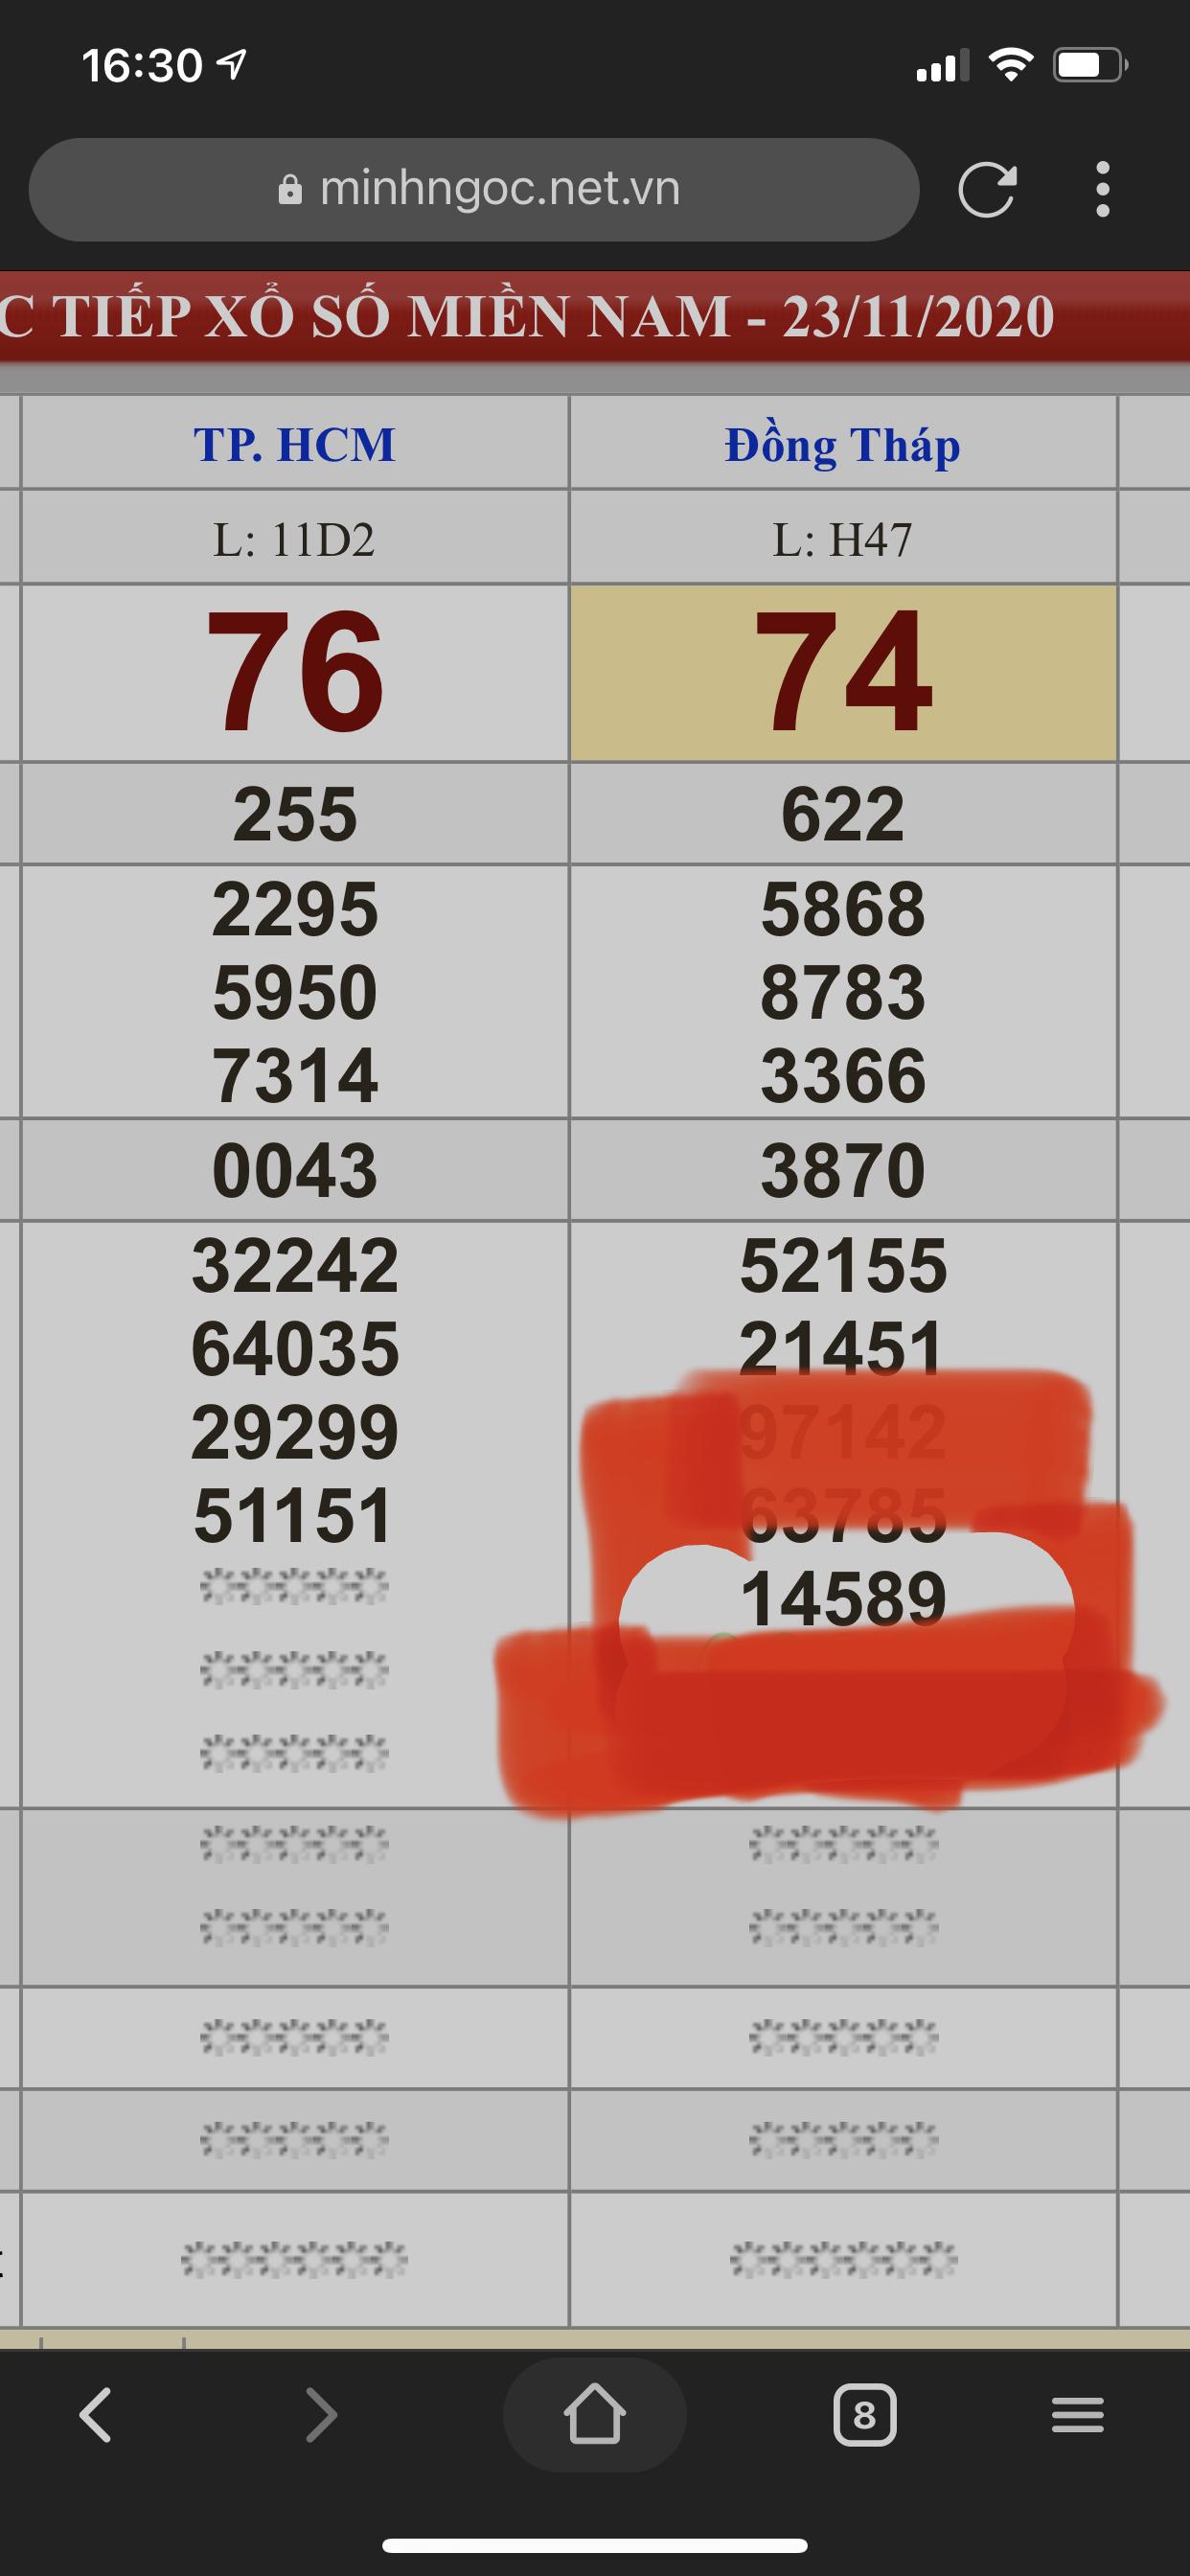 240BCF25-5874-4070-AB72-19664C401BC2.jpeg